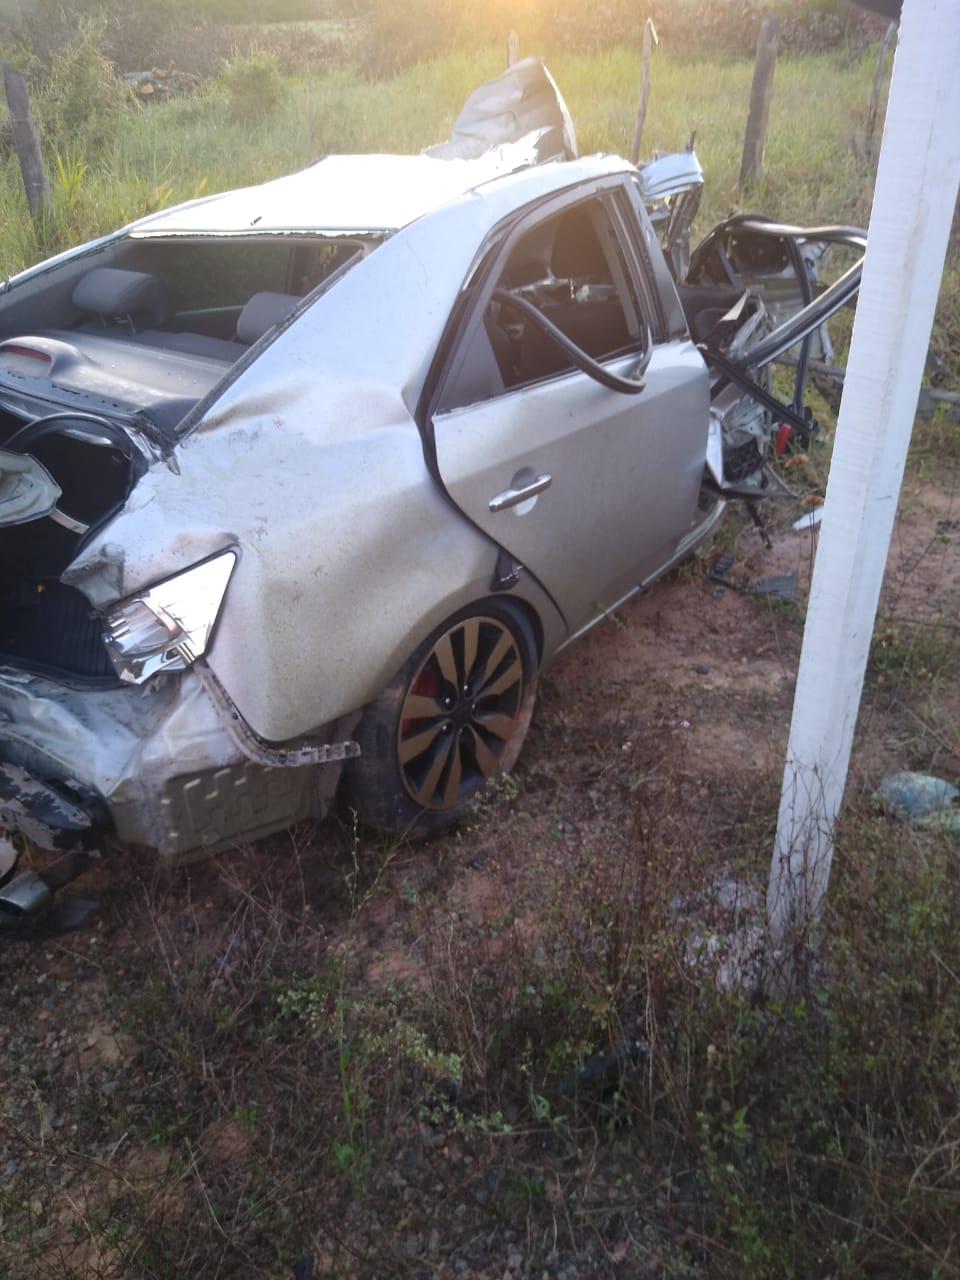 Jovem morre em acidente de carro na BA 504 em Aramari